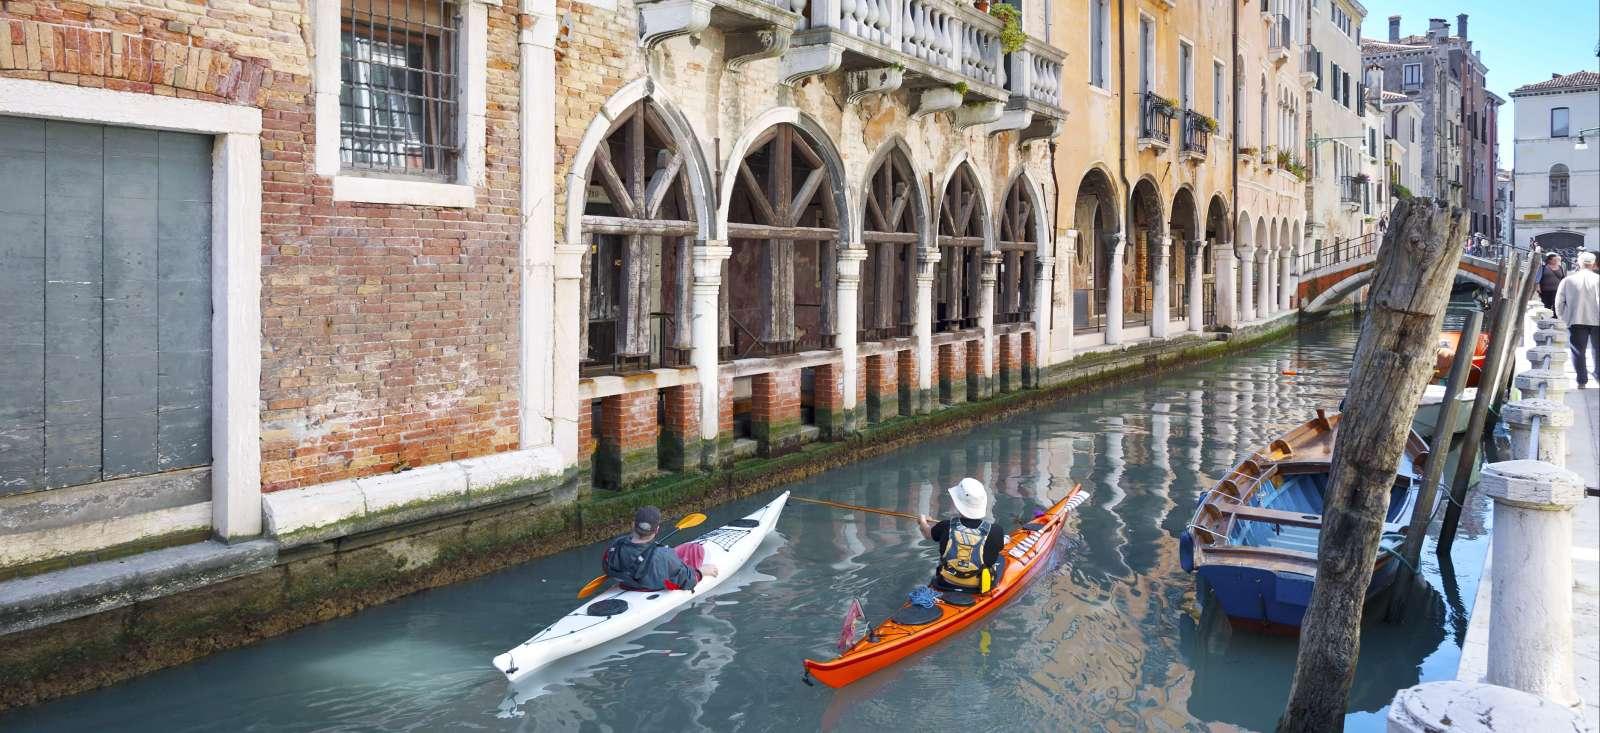 Voyage sur l'eau Italie : Laisse les gondoles à Venise ...